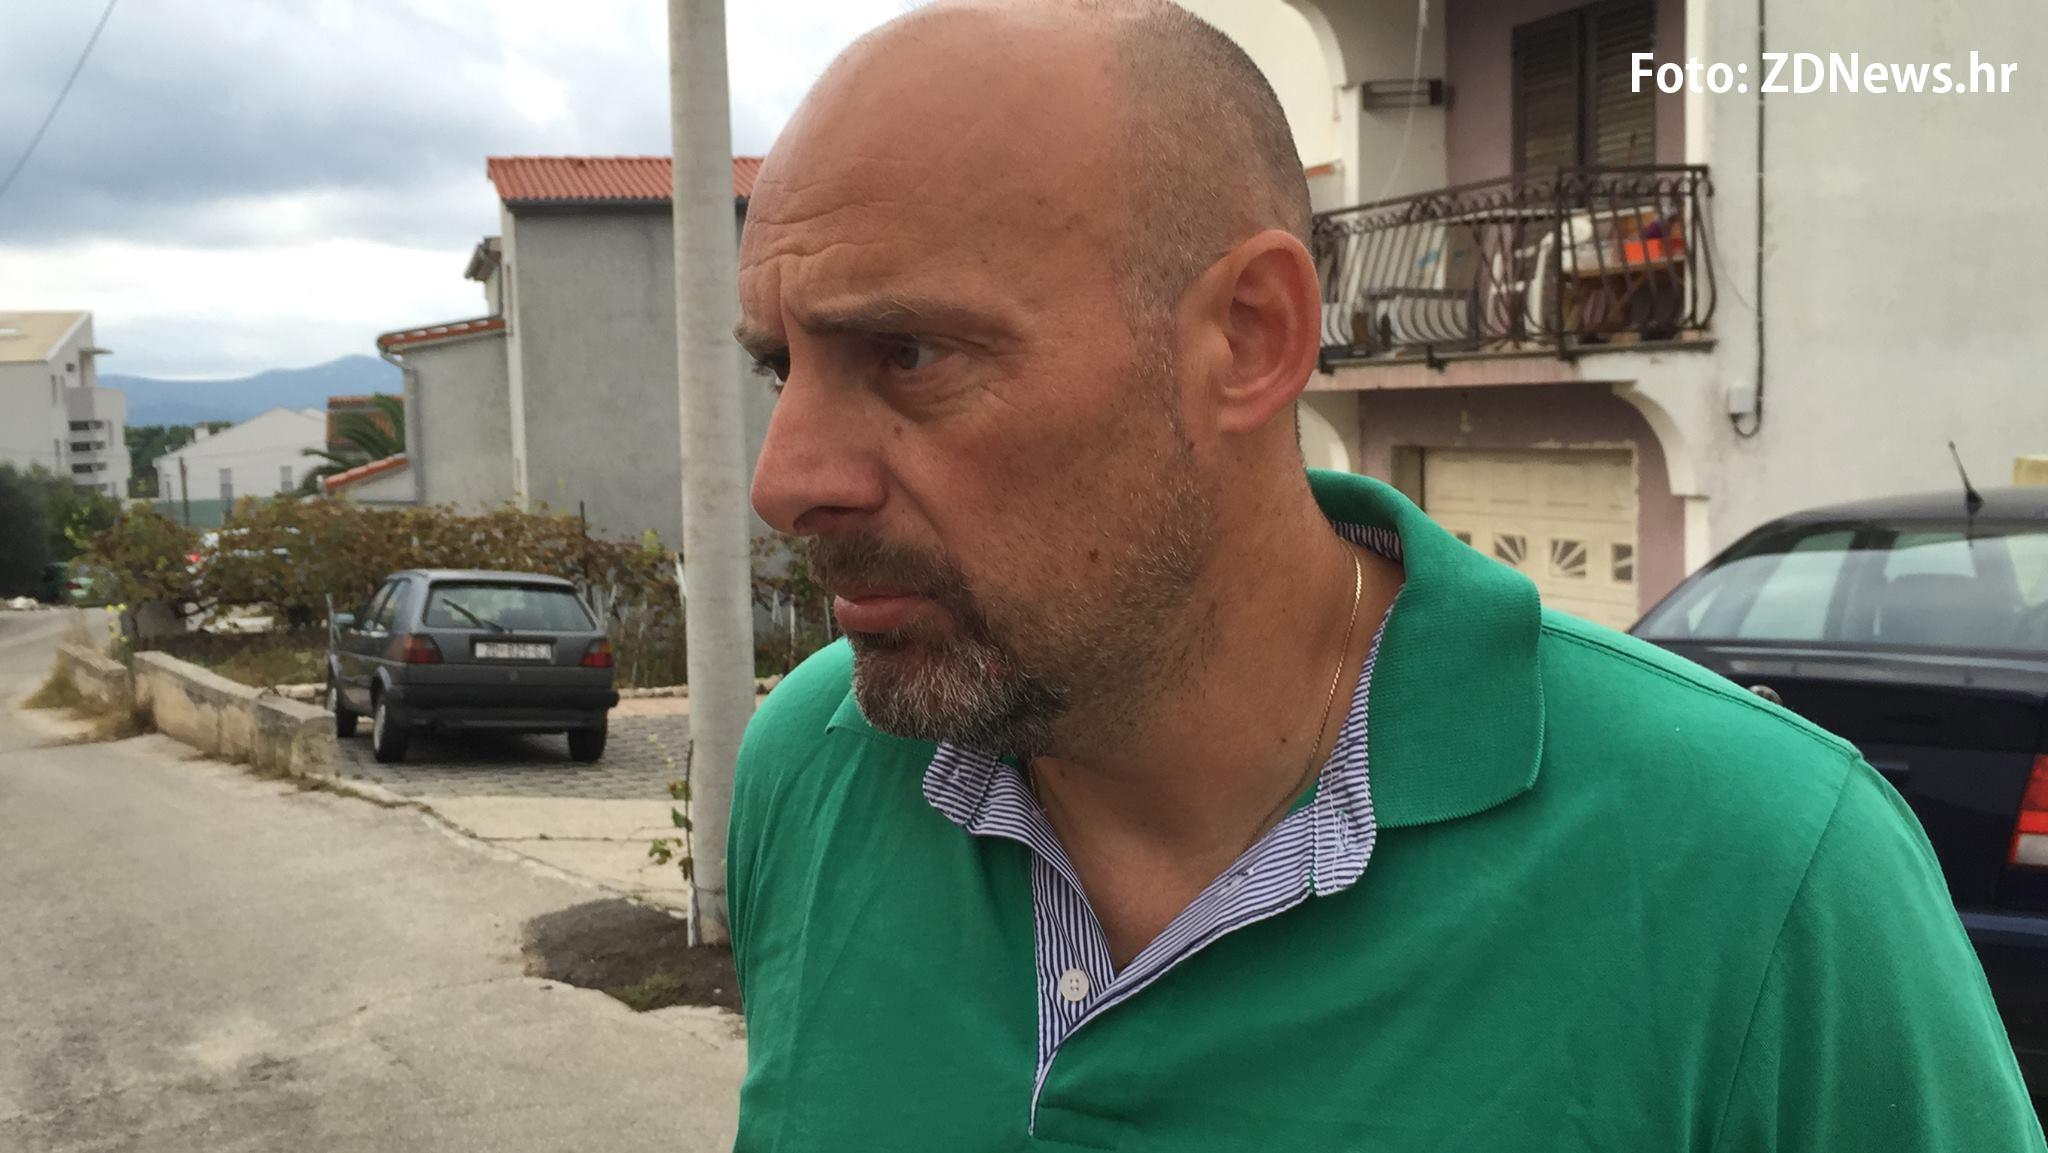 Photo of Zbog Facebook statusa od prije 14 dana priveden Marko Pupić Bakrač